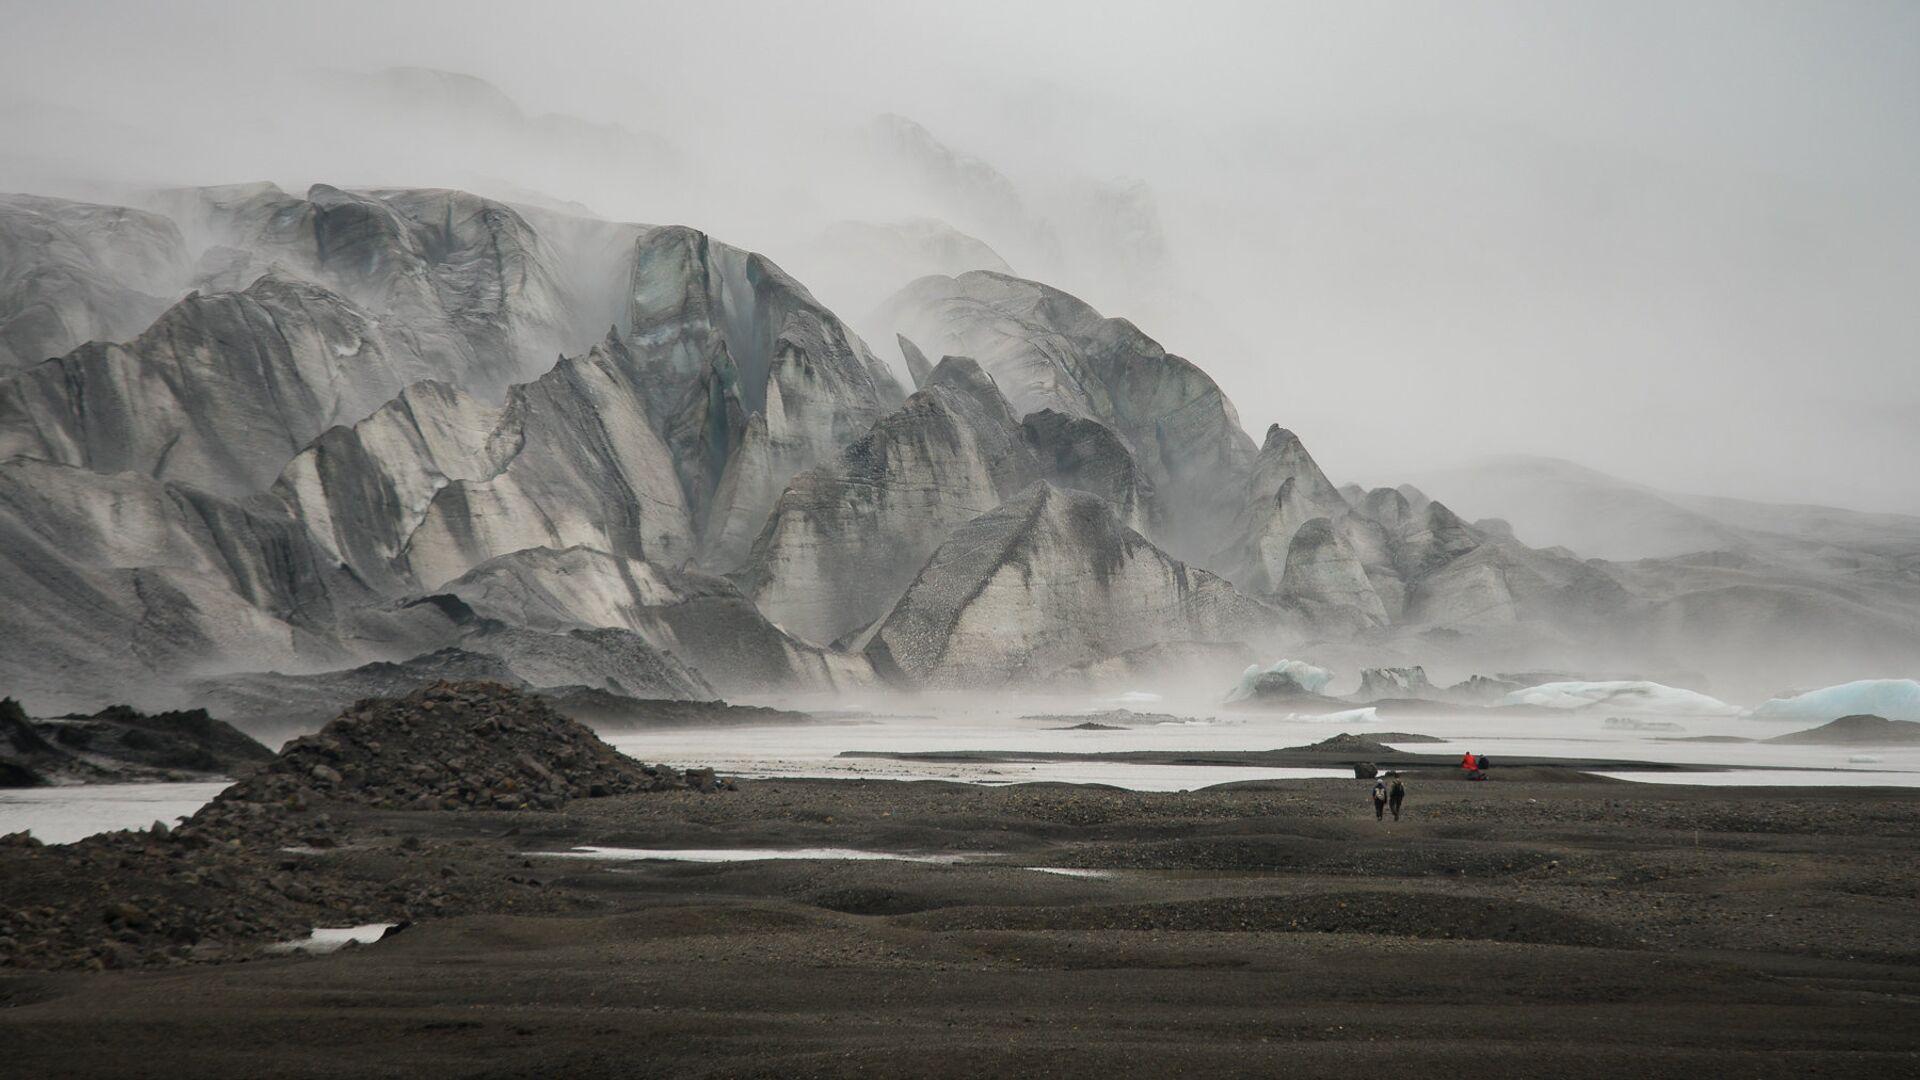 Исландия, Скафтафель, Ледник Скафтафельйокуль - РИА Новости, 1920, 30.04.2020